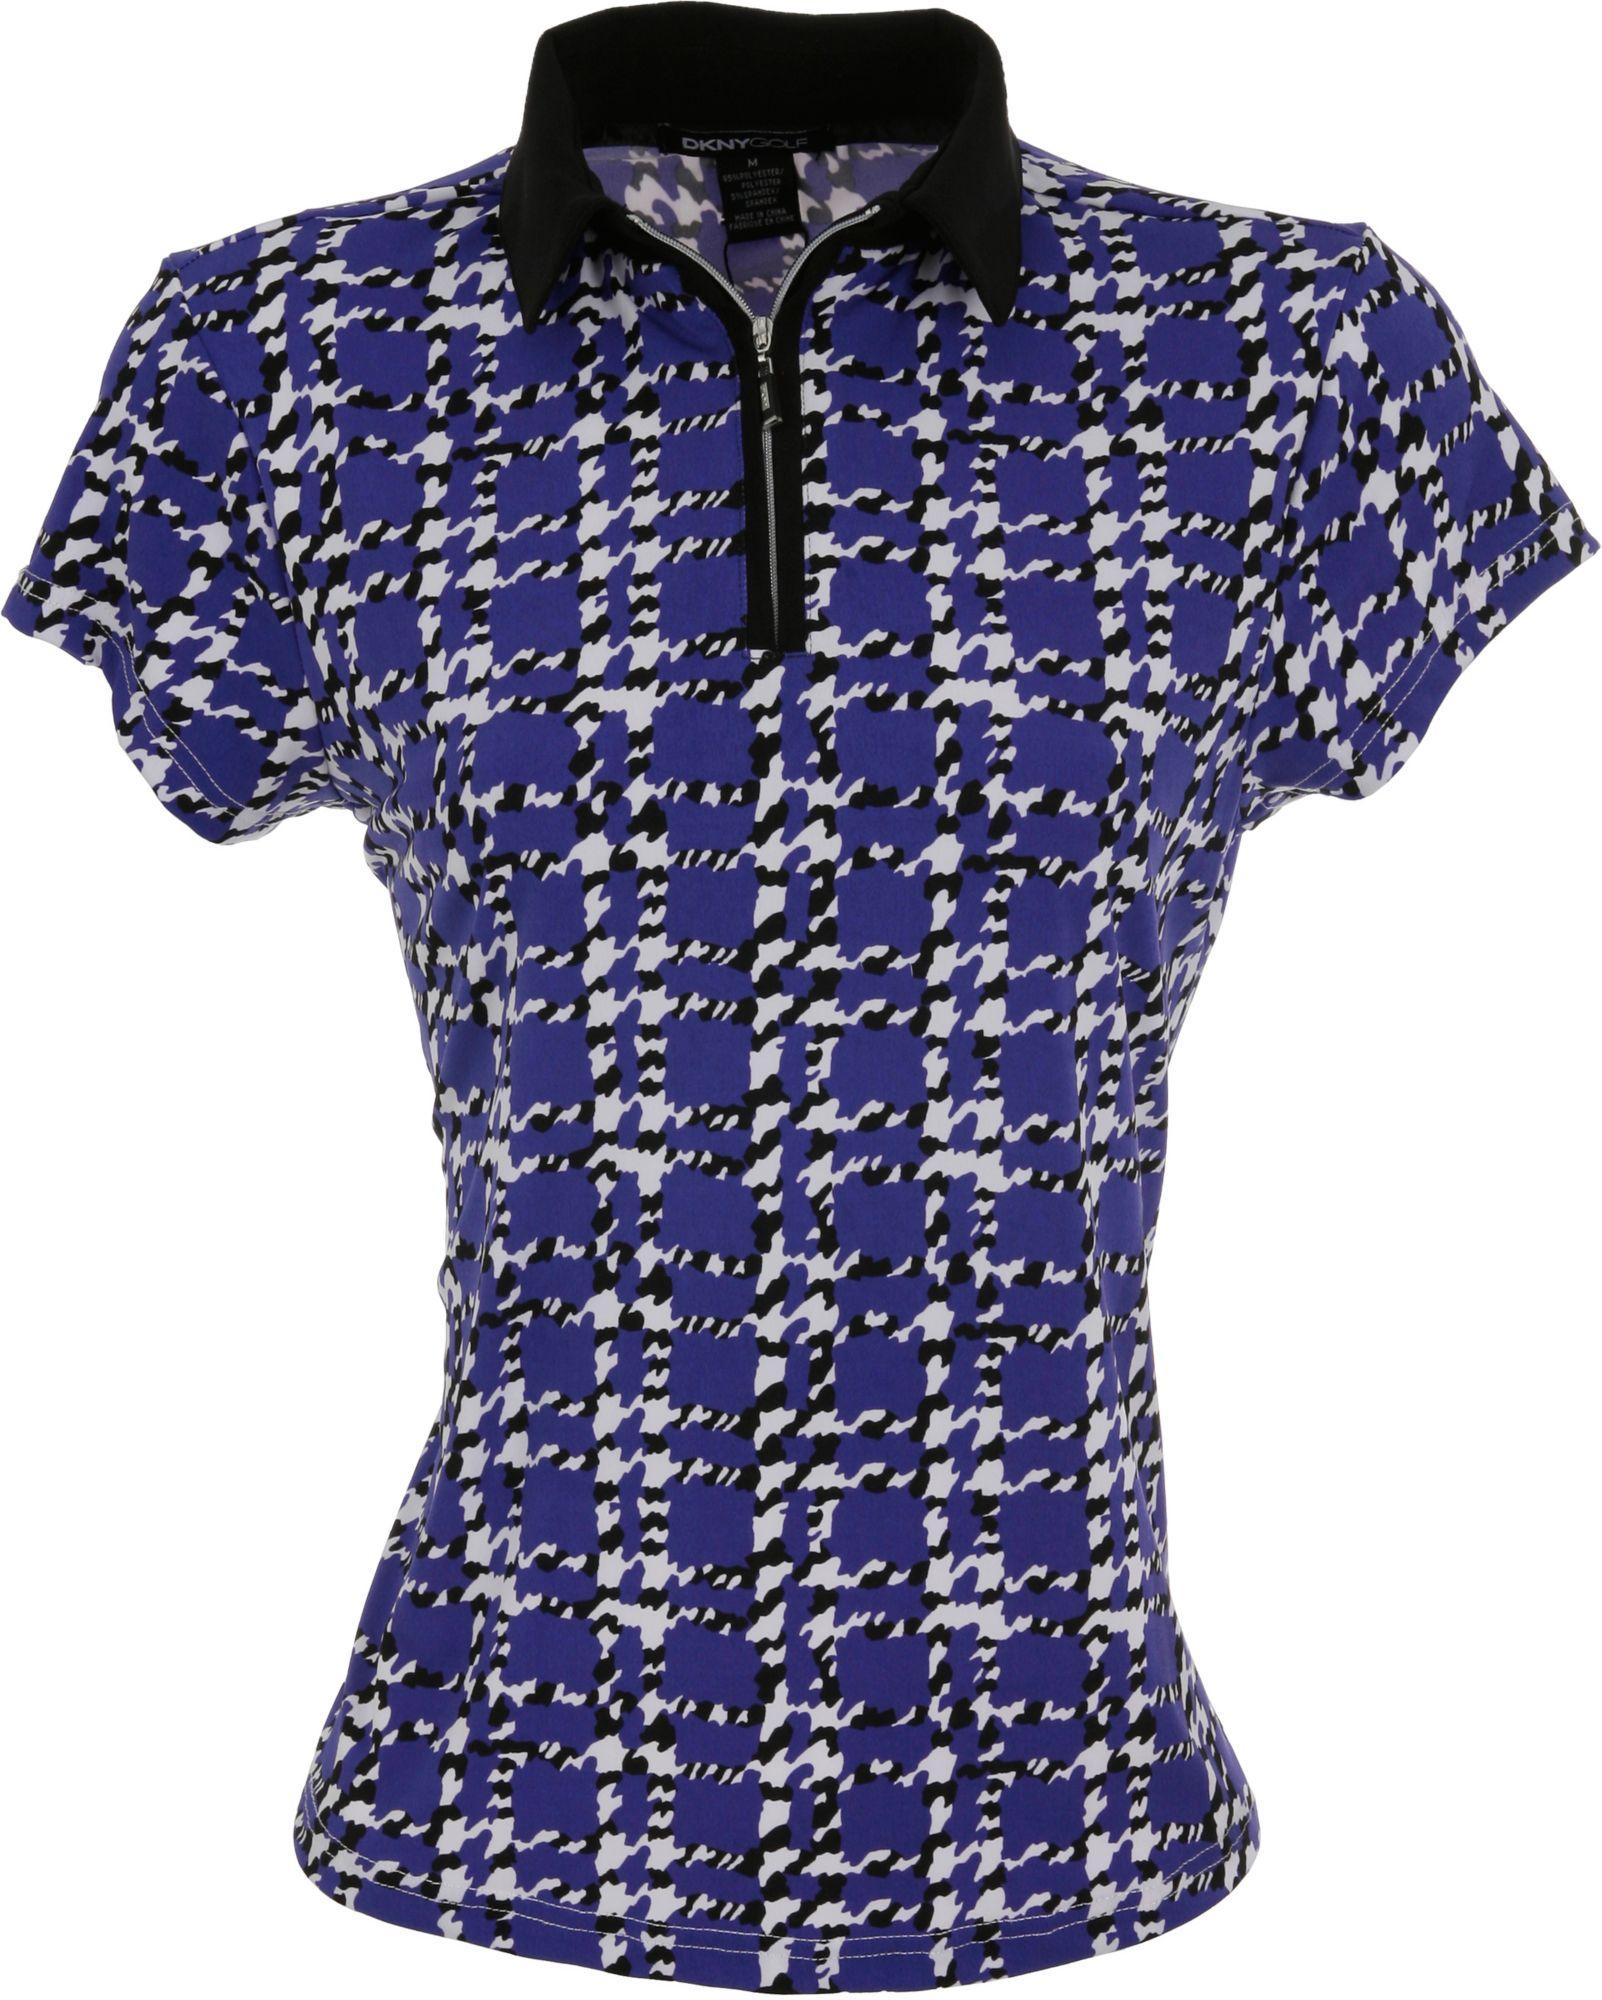 DKNY Women's Houndstooth ¼ Zip Calypso Short Sleeve Polo